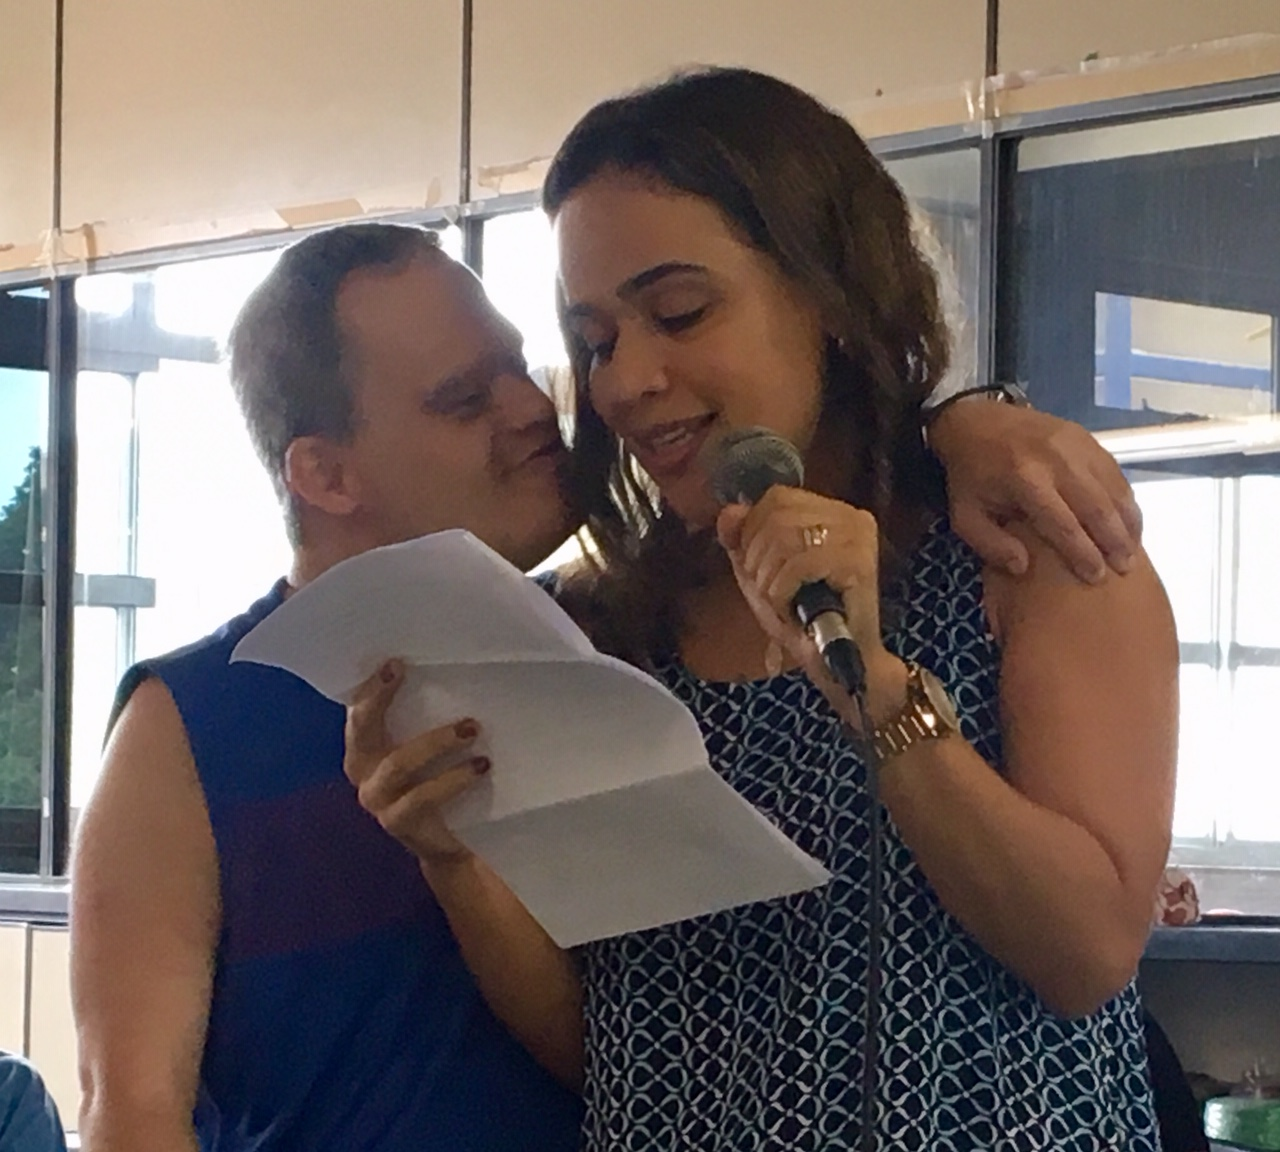 mulher com microfone le texto ao microfone, enquanto homem tem o braco em volta de seus ombros.